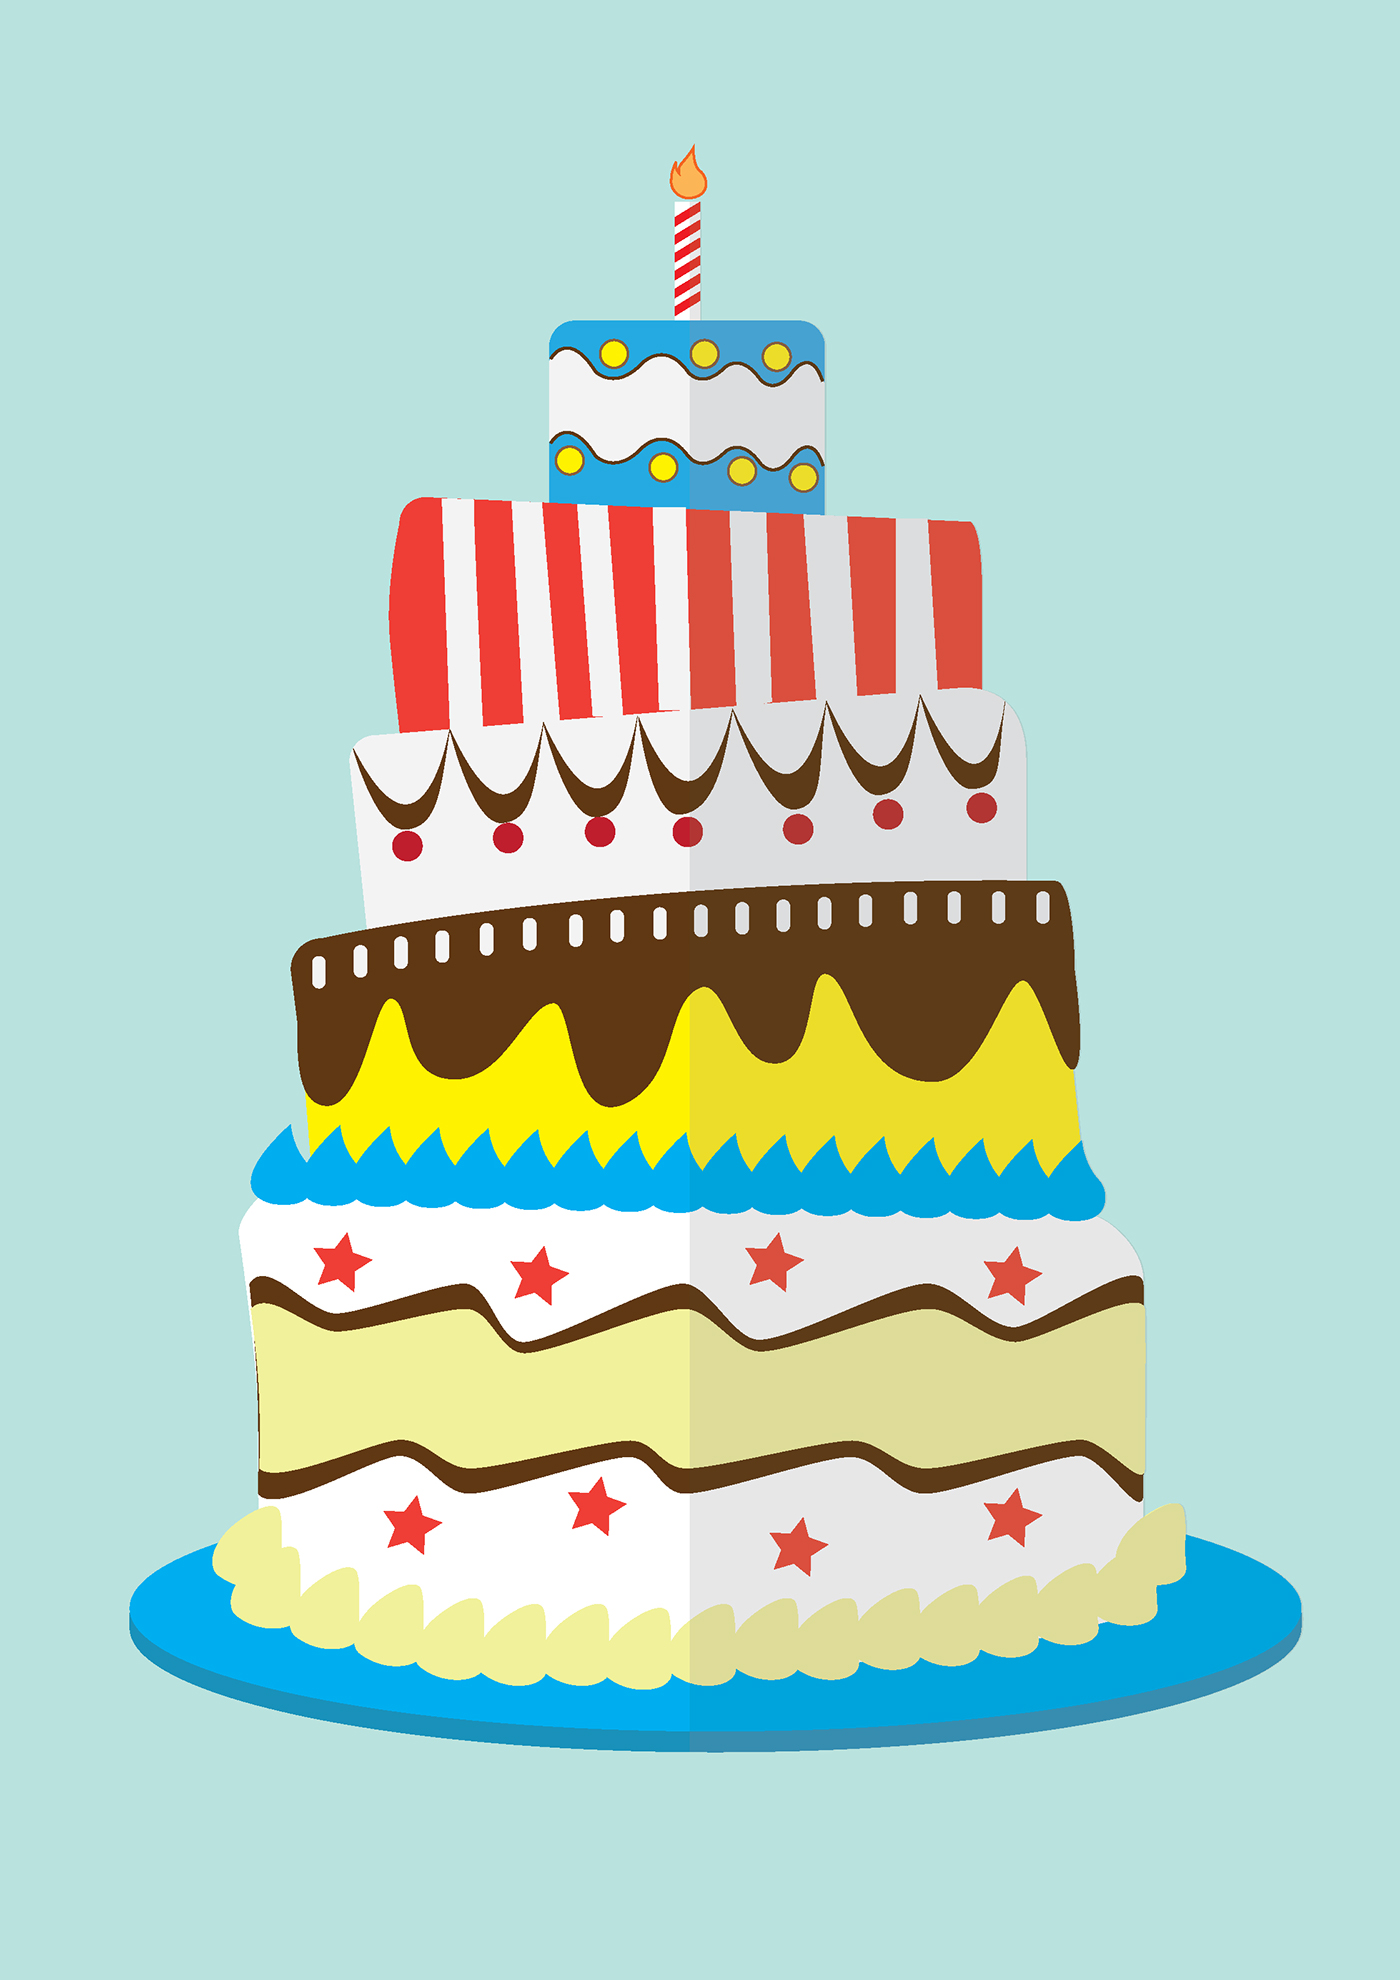 高質感的19個生日蛋糕圖案欣賞